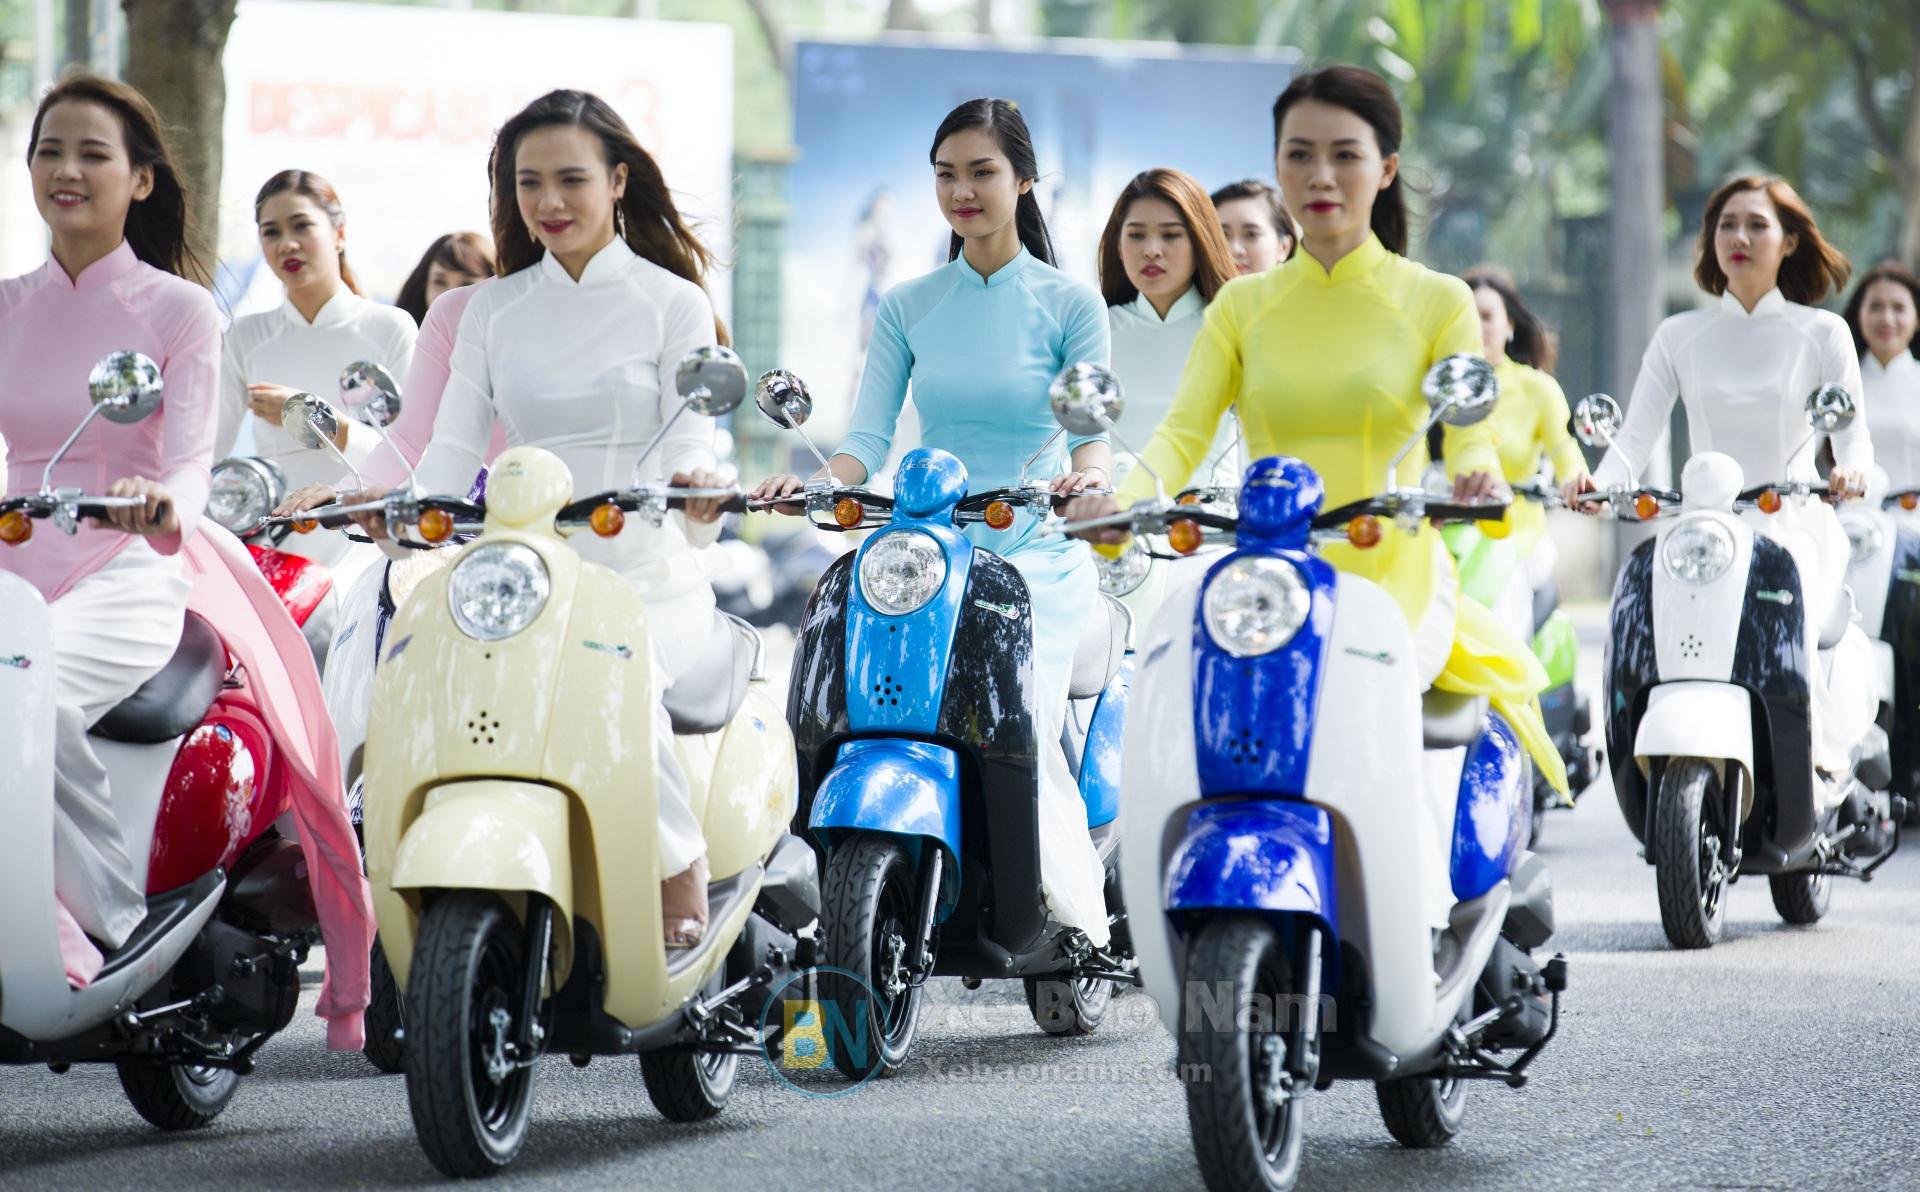 xe-ga-50cc-scoopy-mau-xanh-duong-xebaonam2